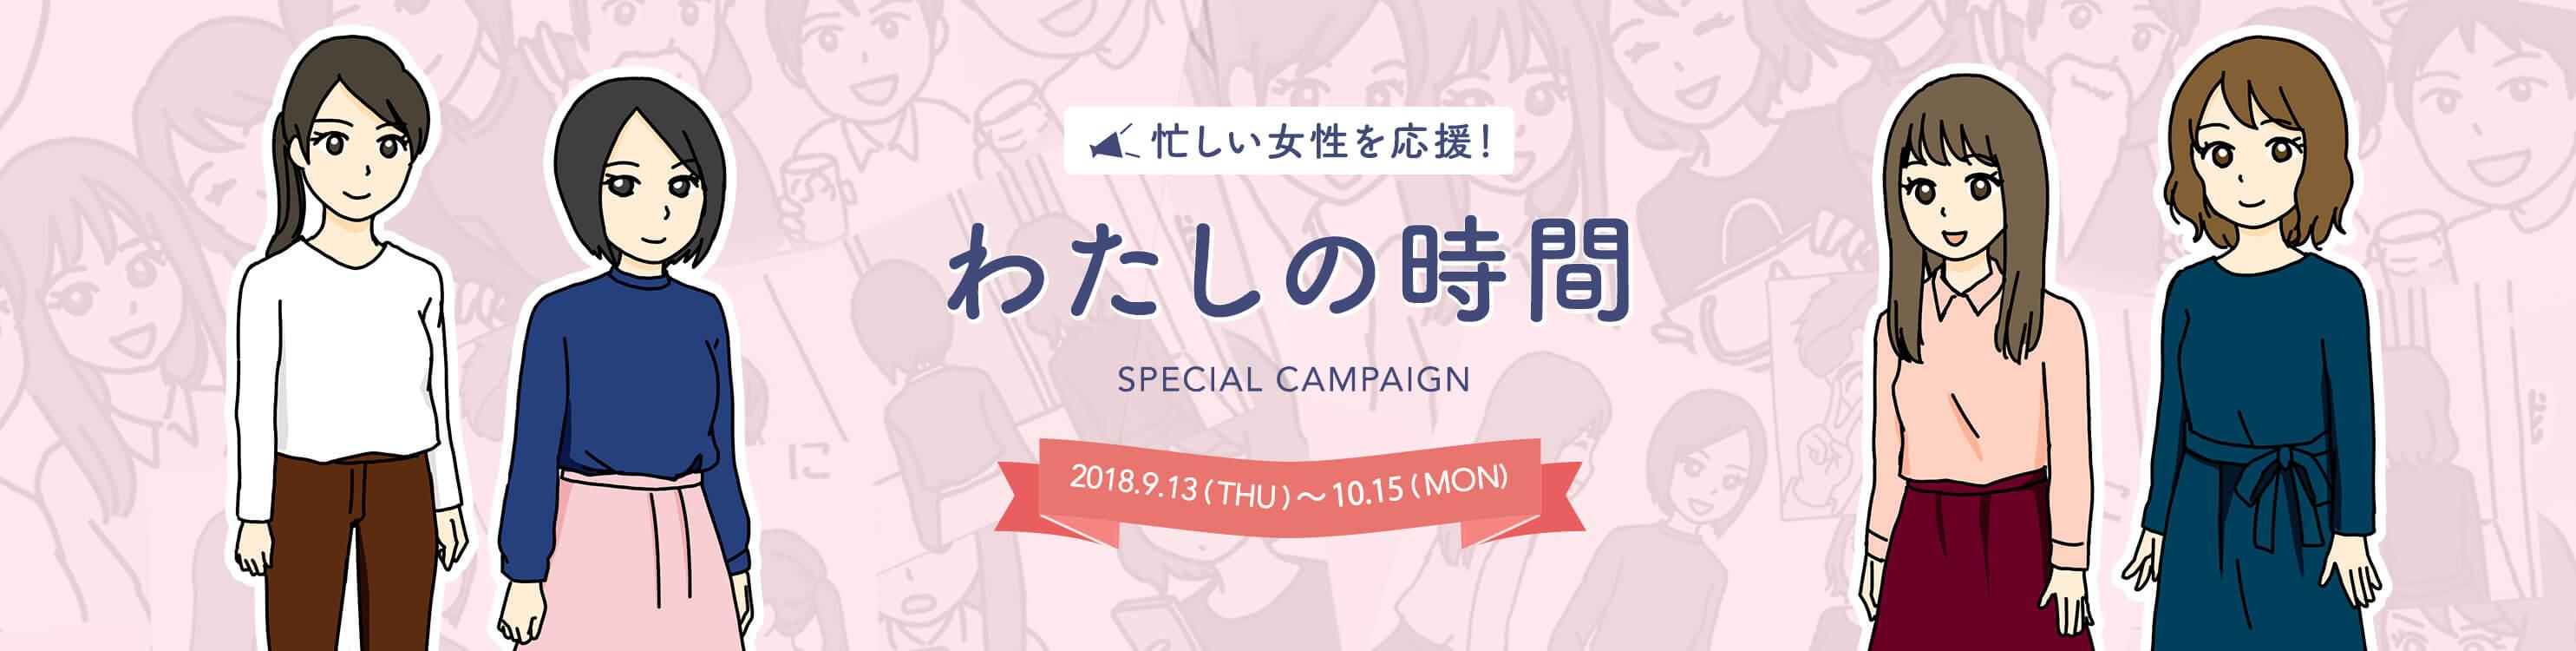 合同キャンペーン